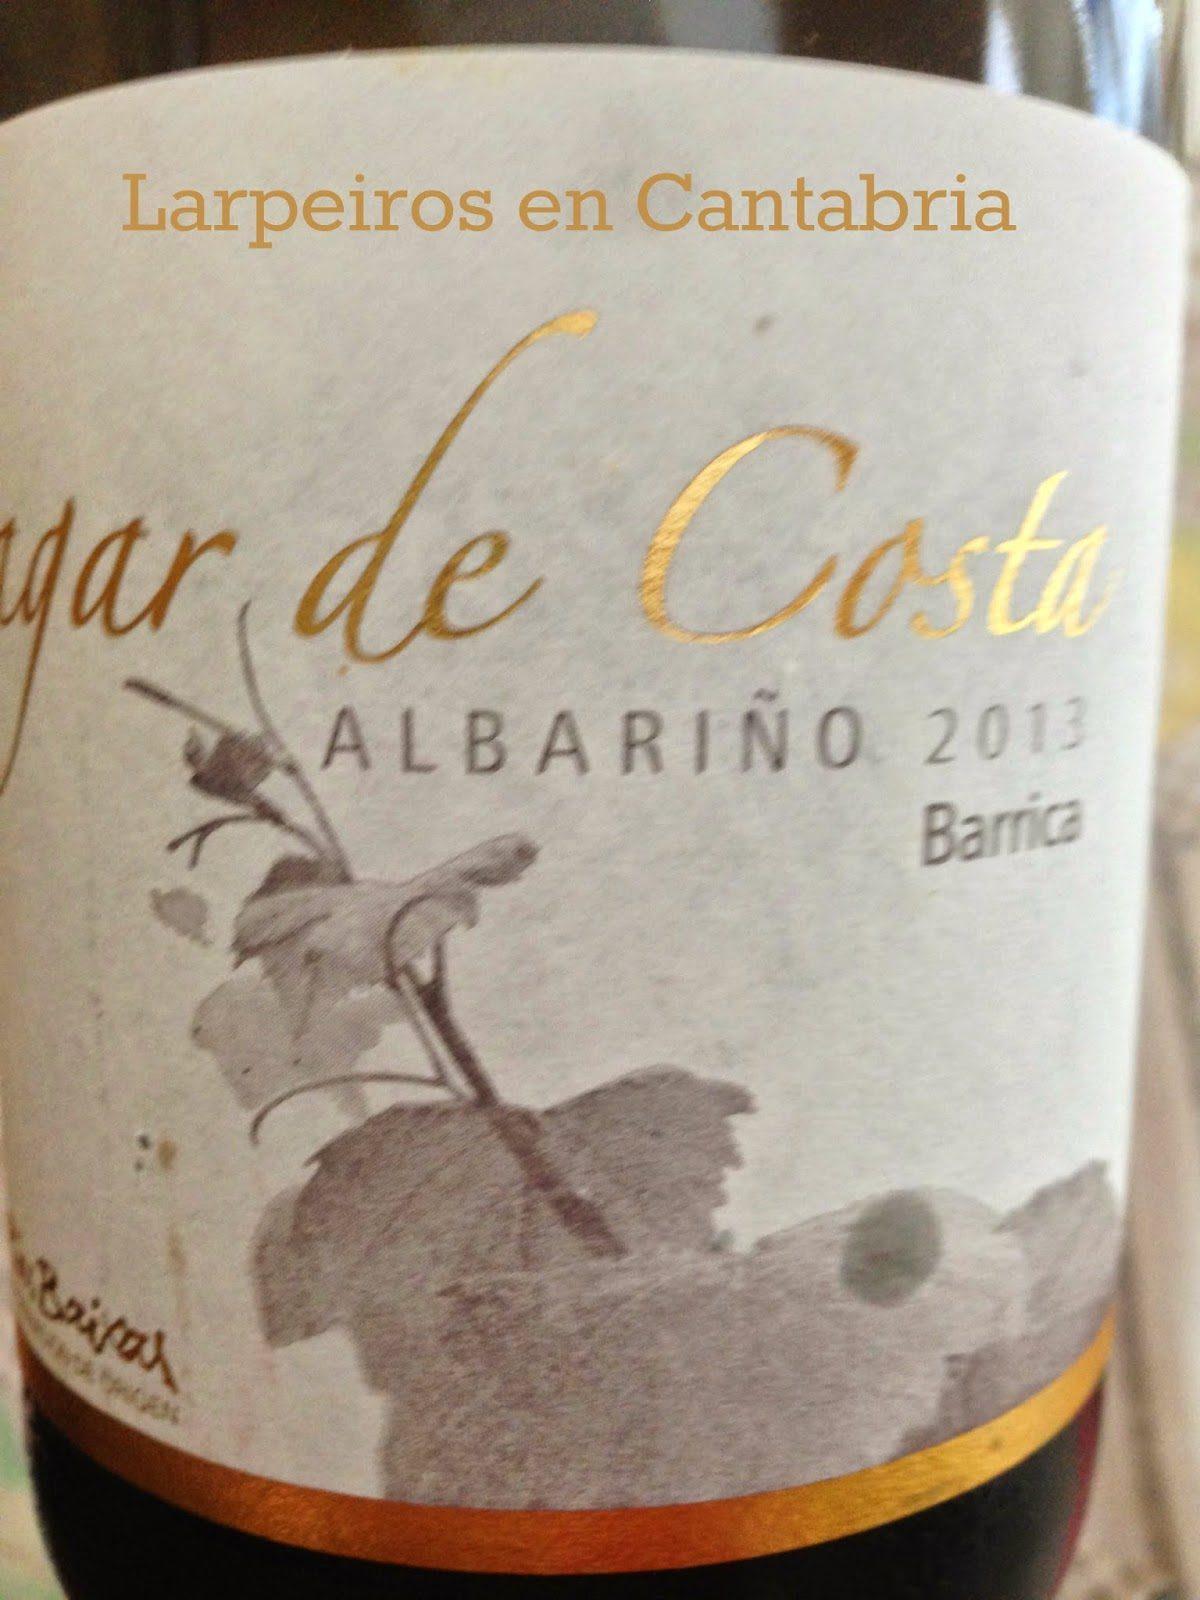 Vino Blanco Lagar de Costa Barrica 2013: Espectacular